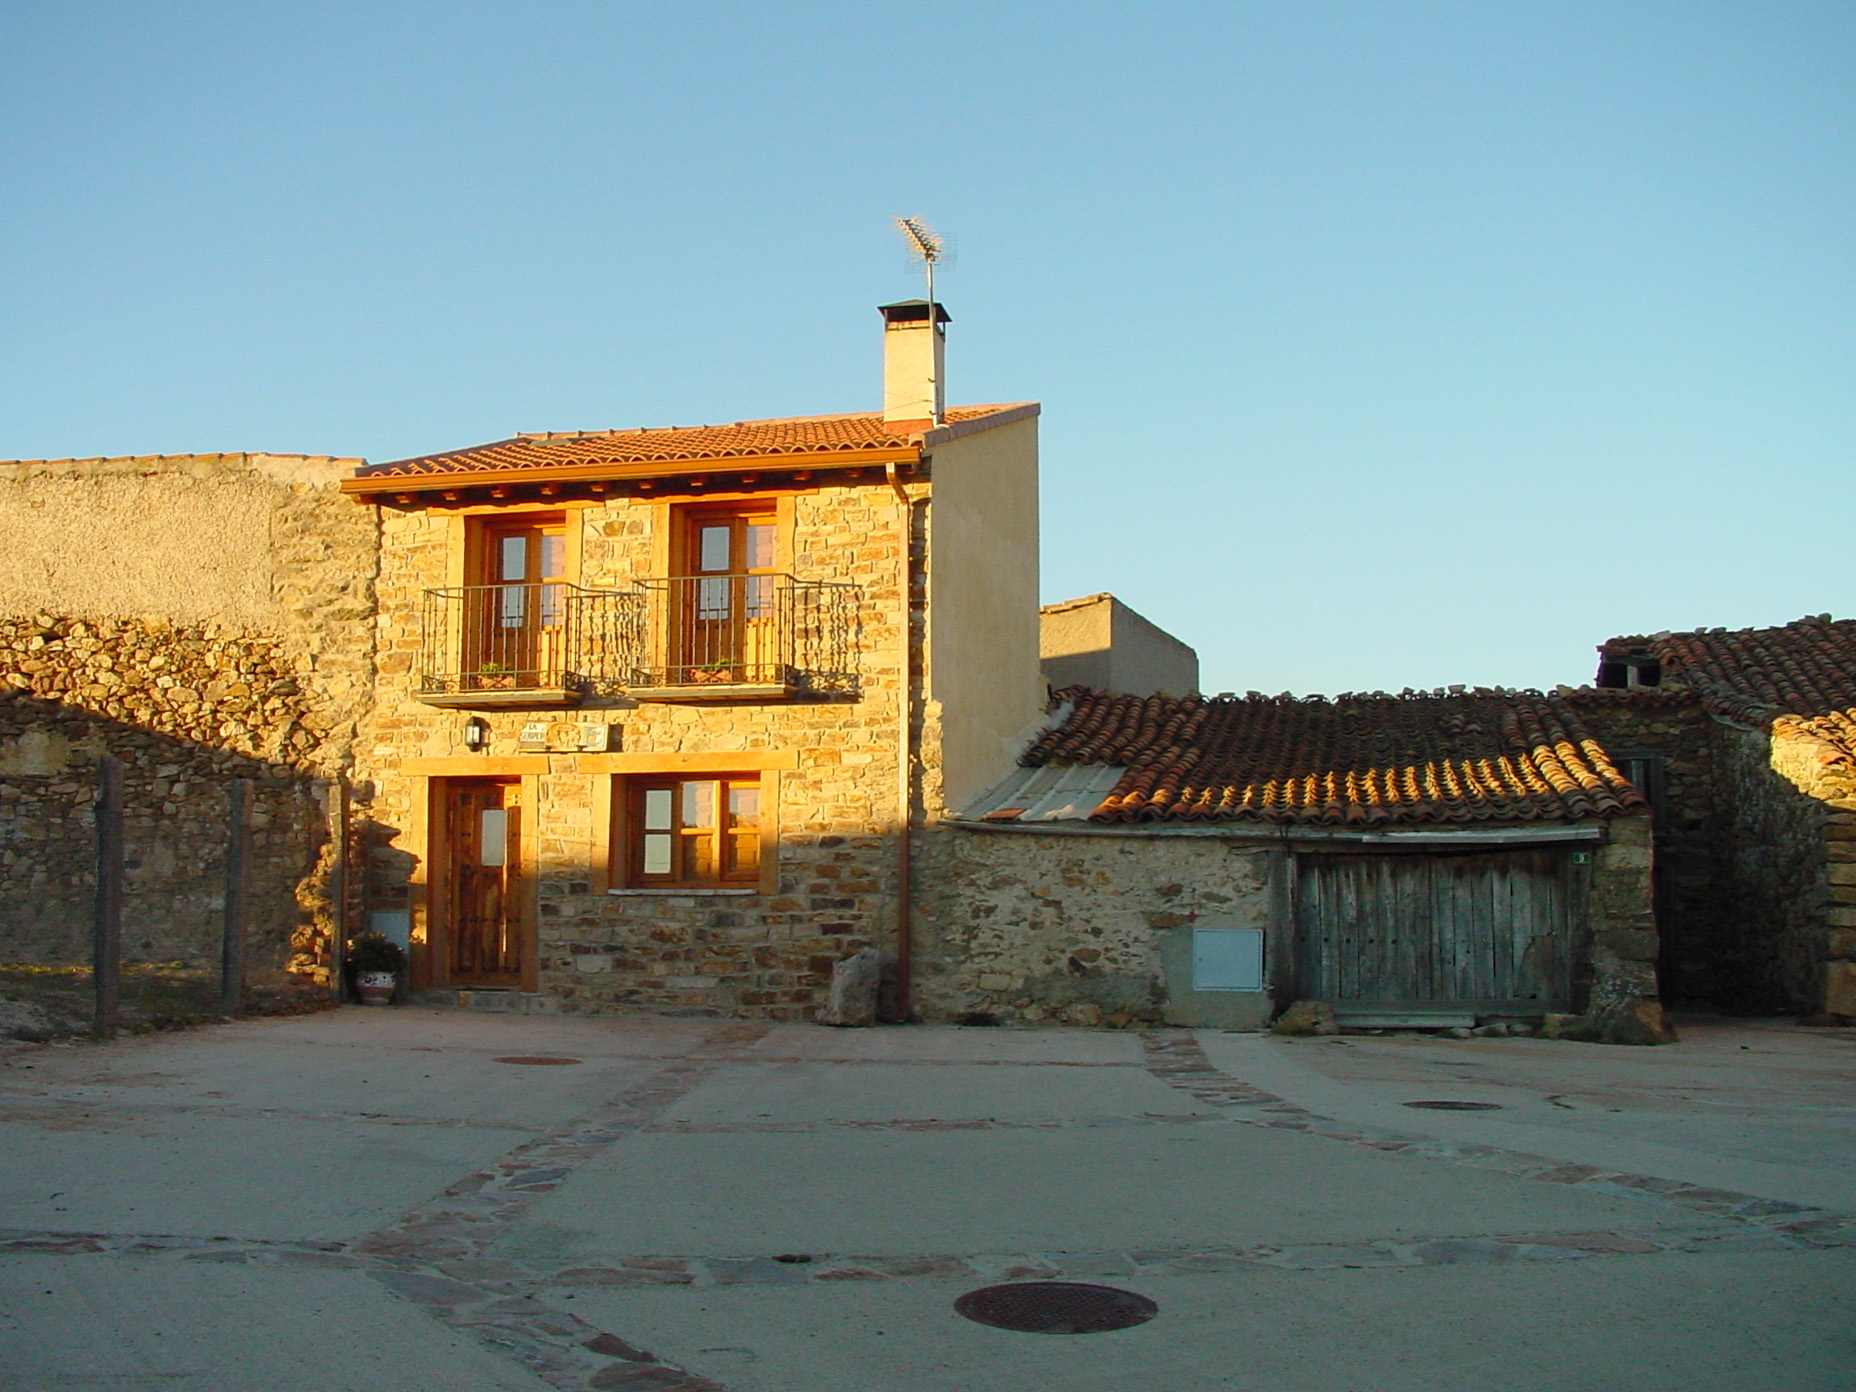 La serna del monte wikidata - Casa de piedra porcuna ...